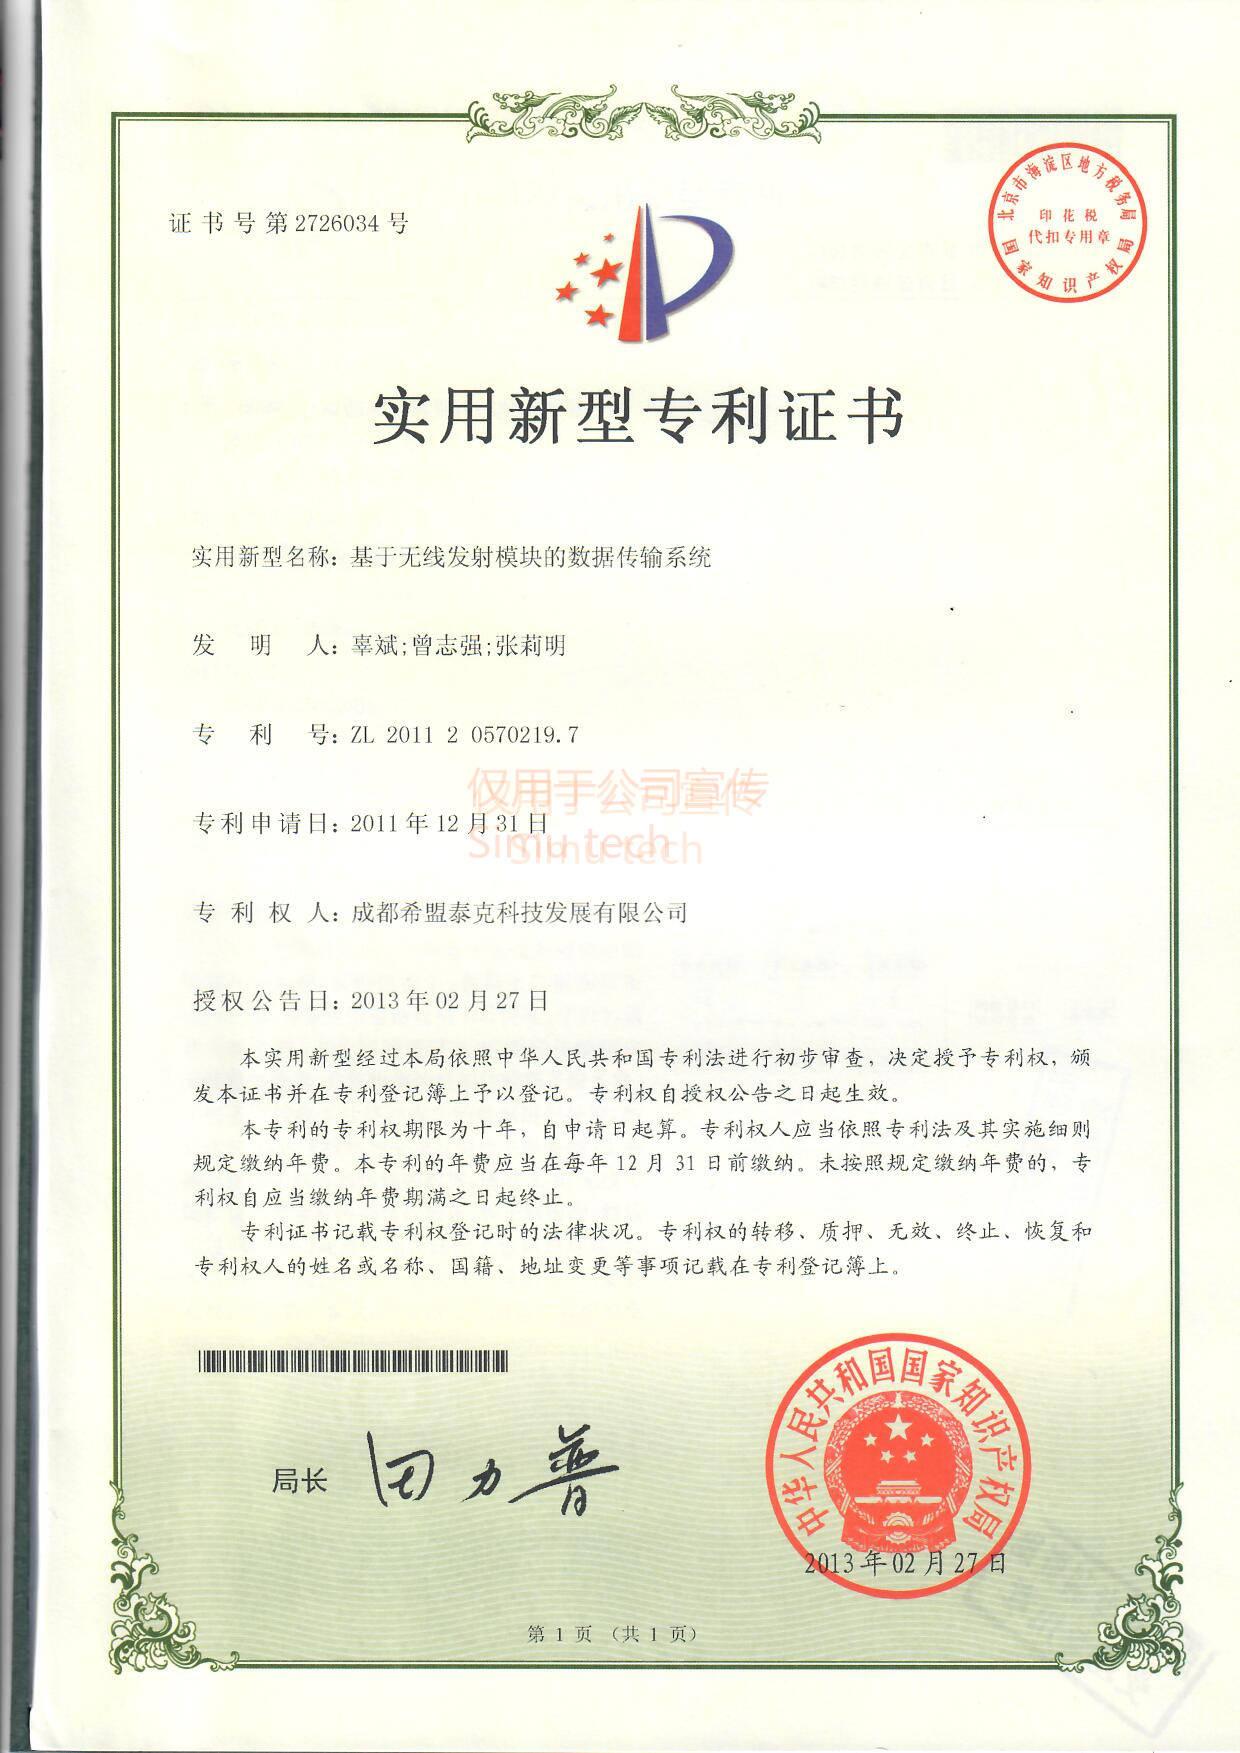 实用新型-专利一览表-自主PLM|智慧工地管理平台|BIM施工管理系统